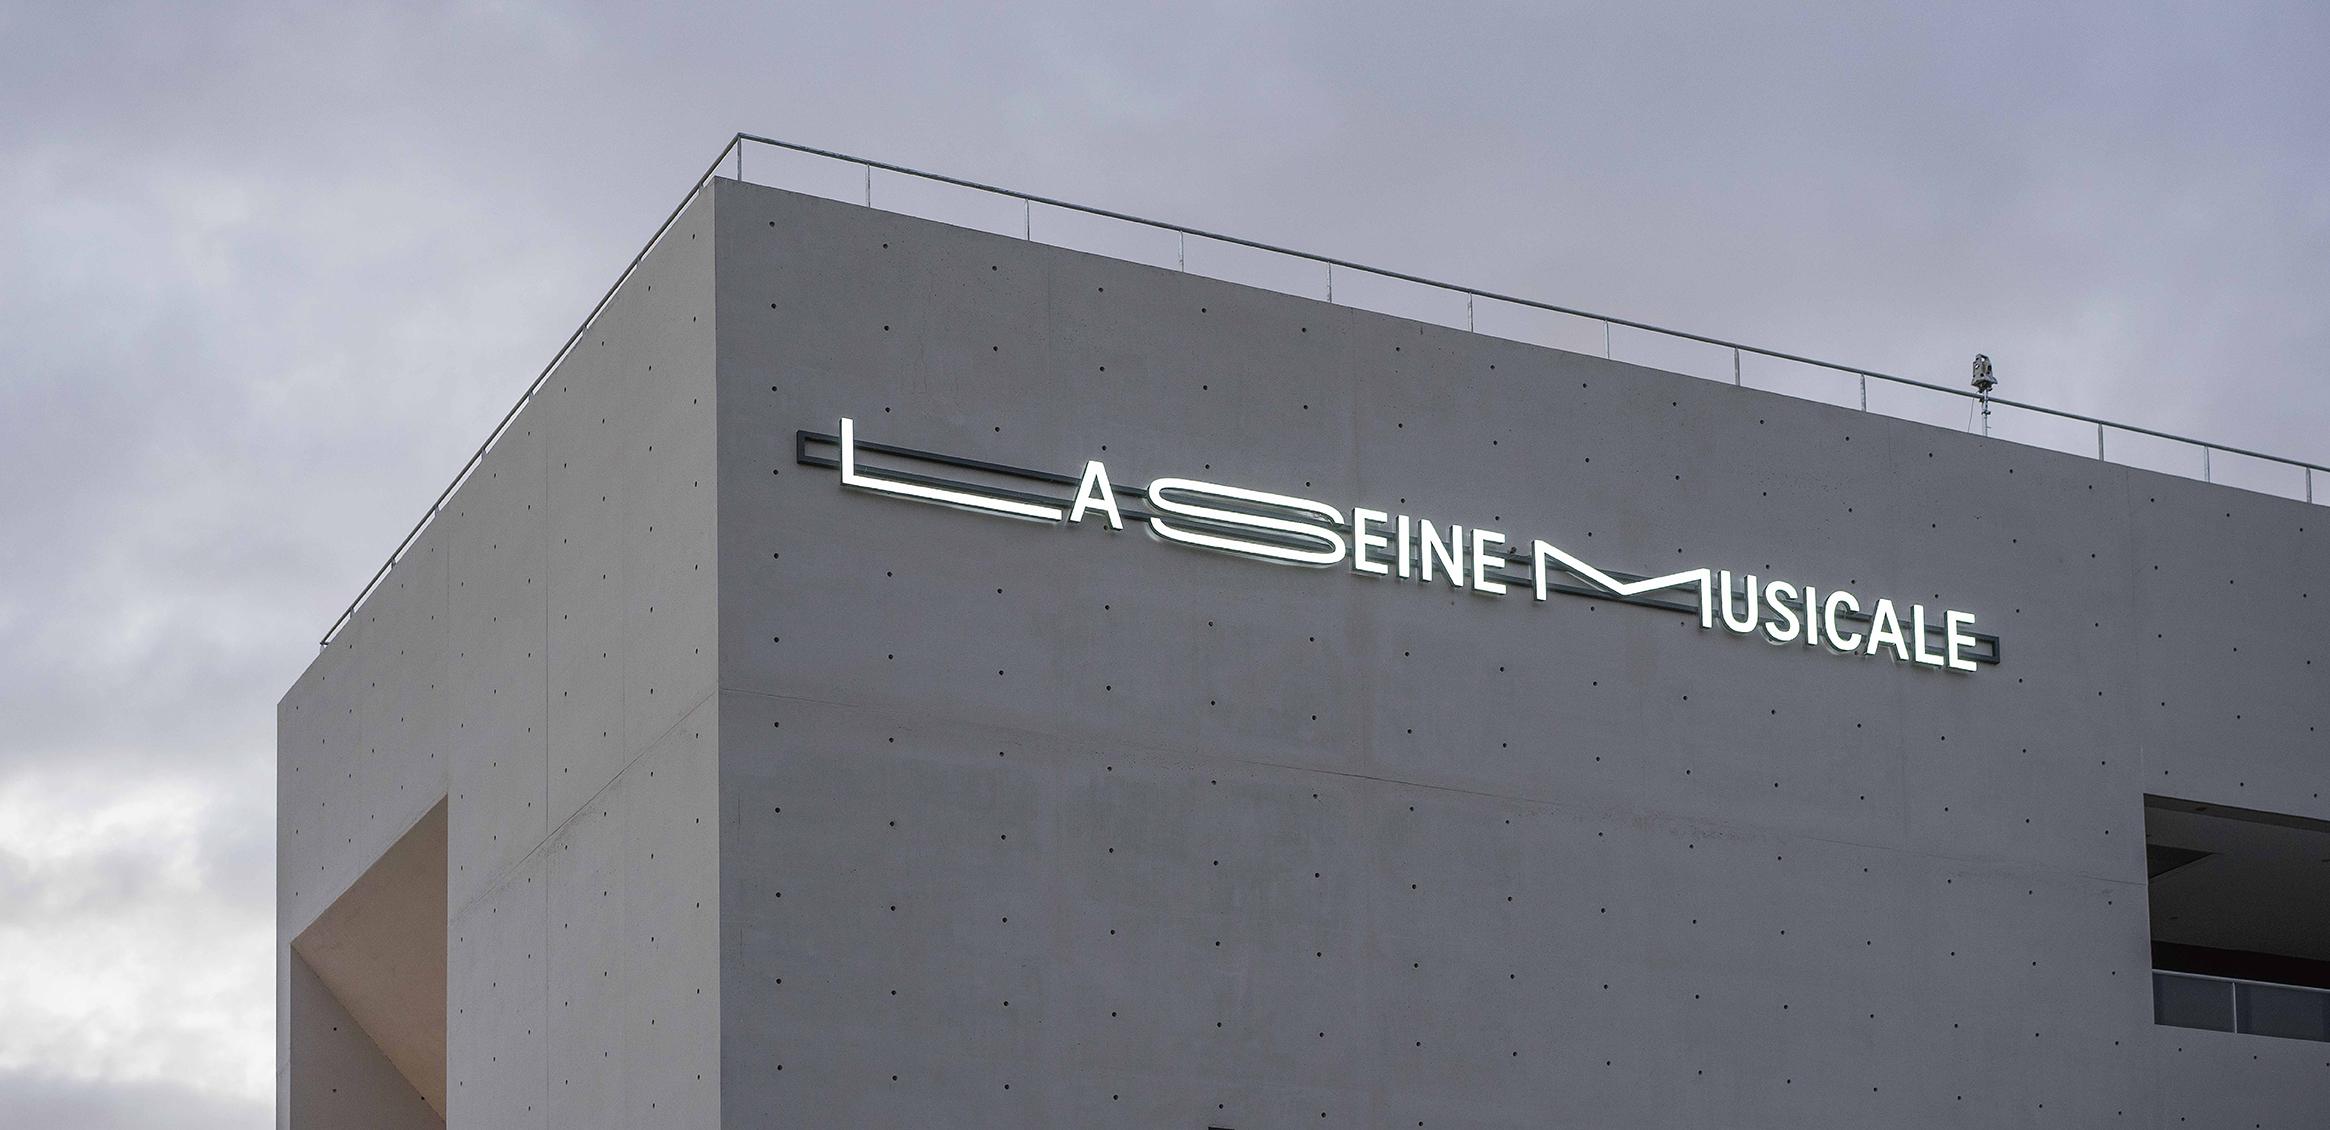 La Seine Musicale1枚目